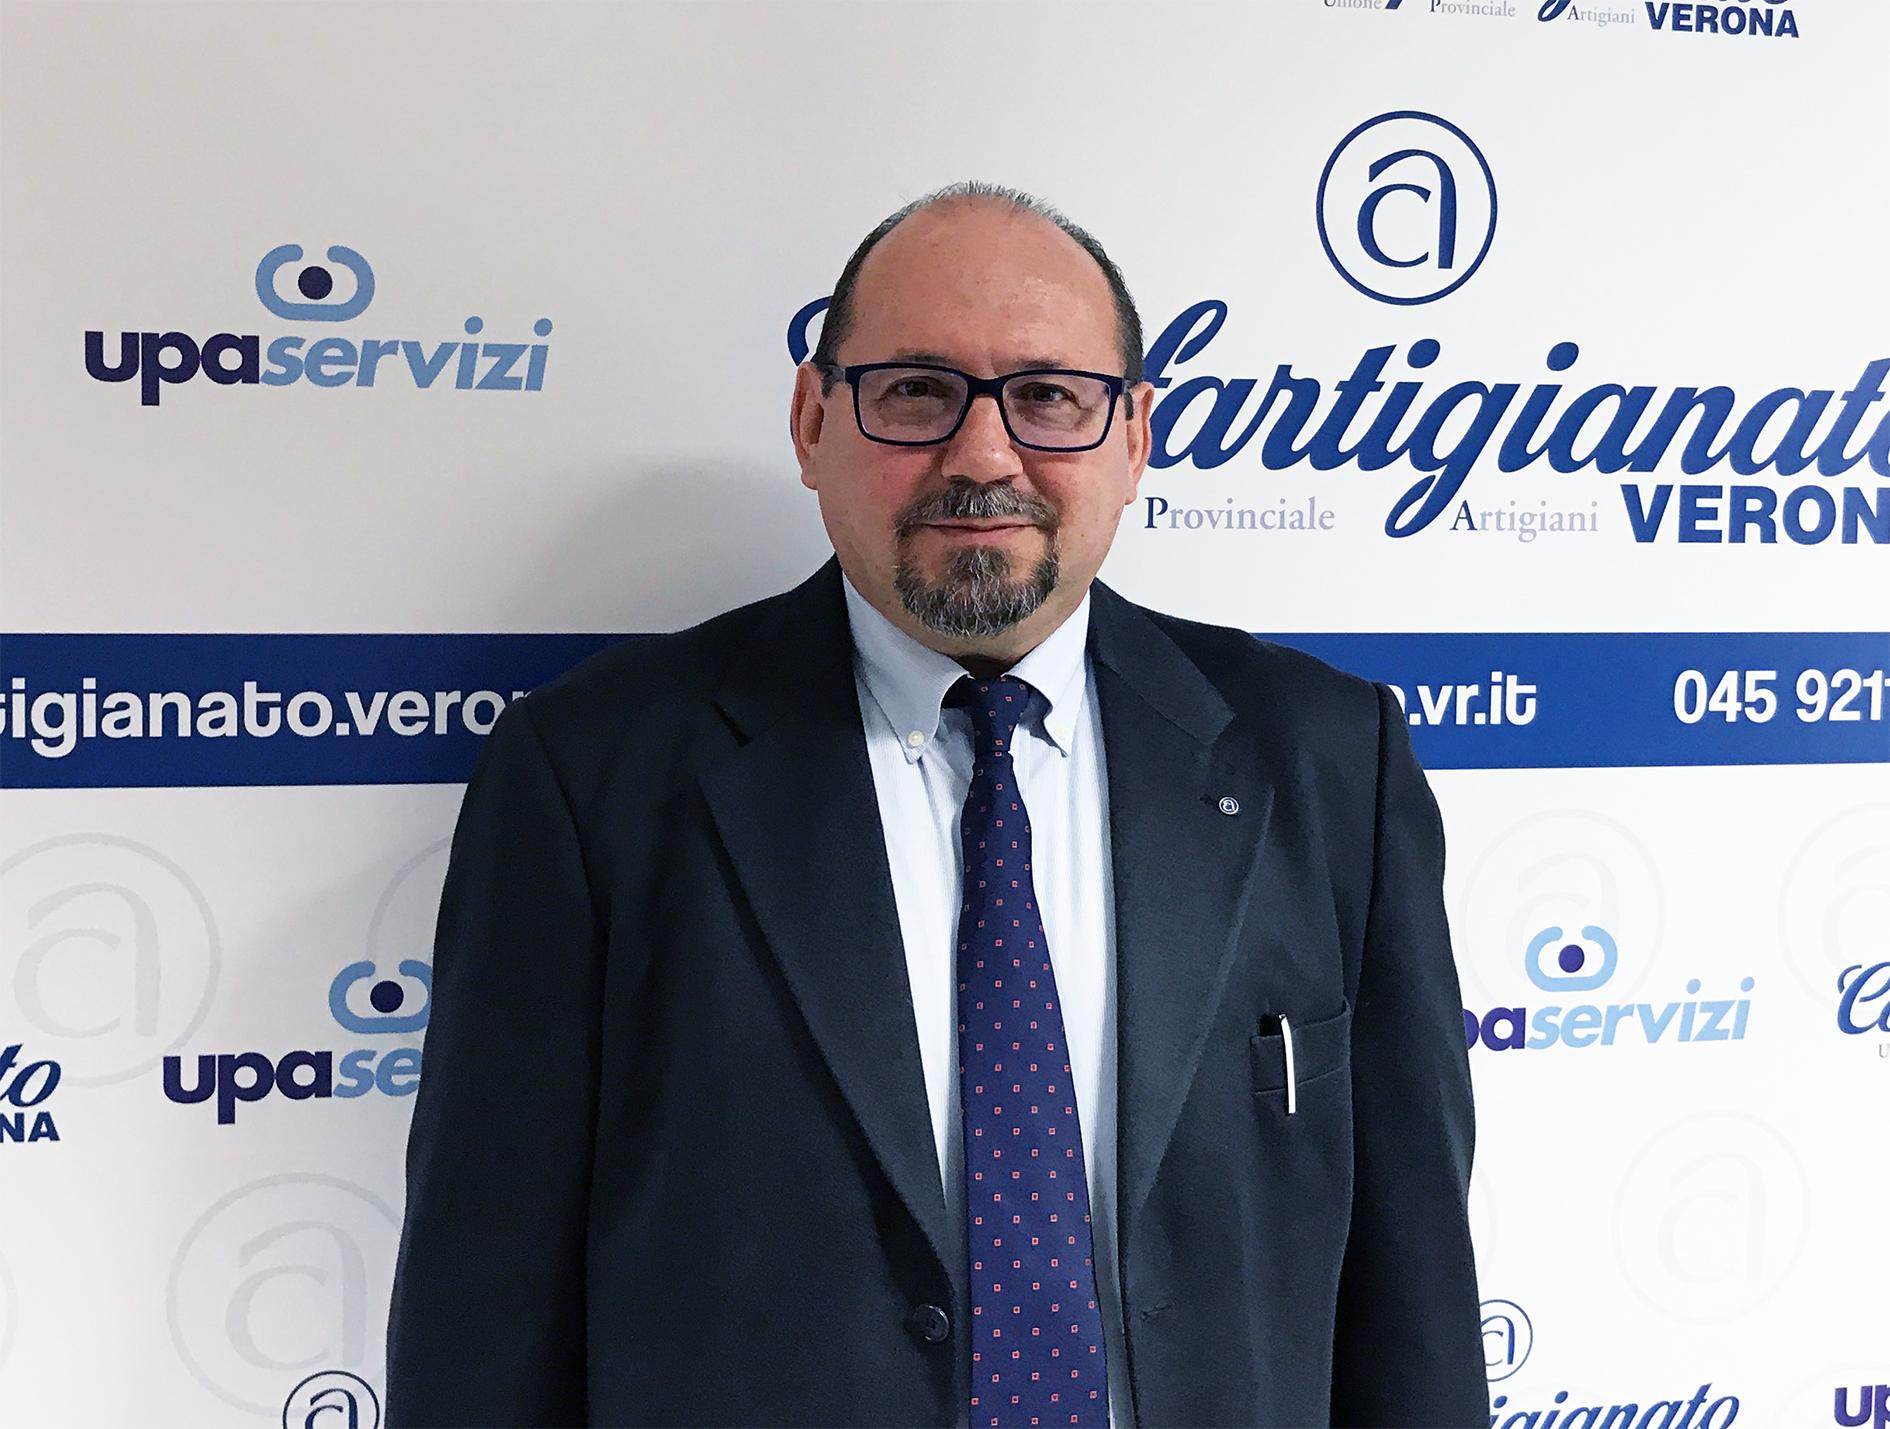 Imprese Edili Nel Veneto confartigianato, l'impatto del covid sulle imprese edili